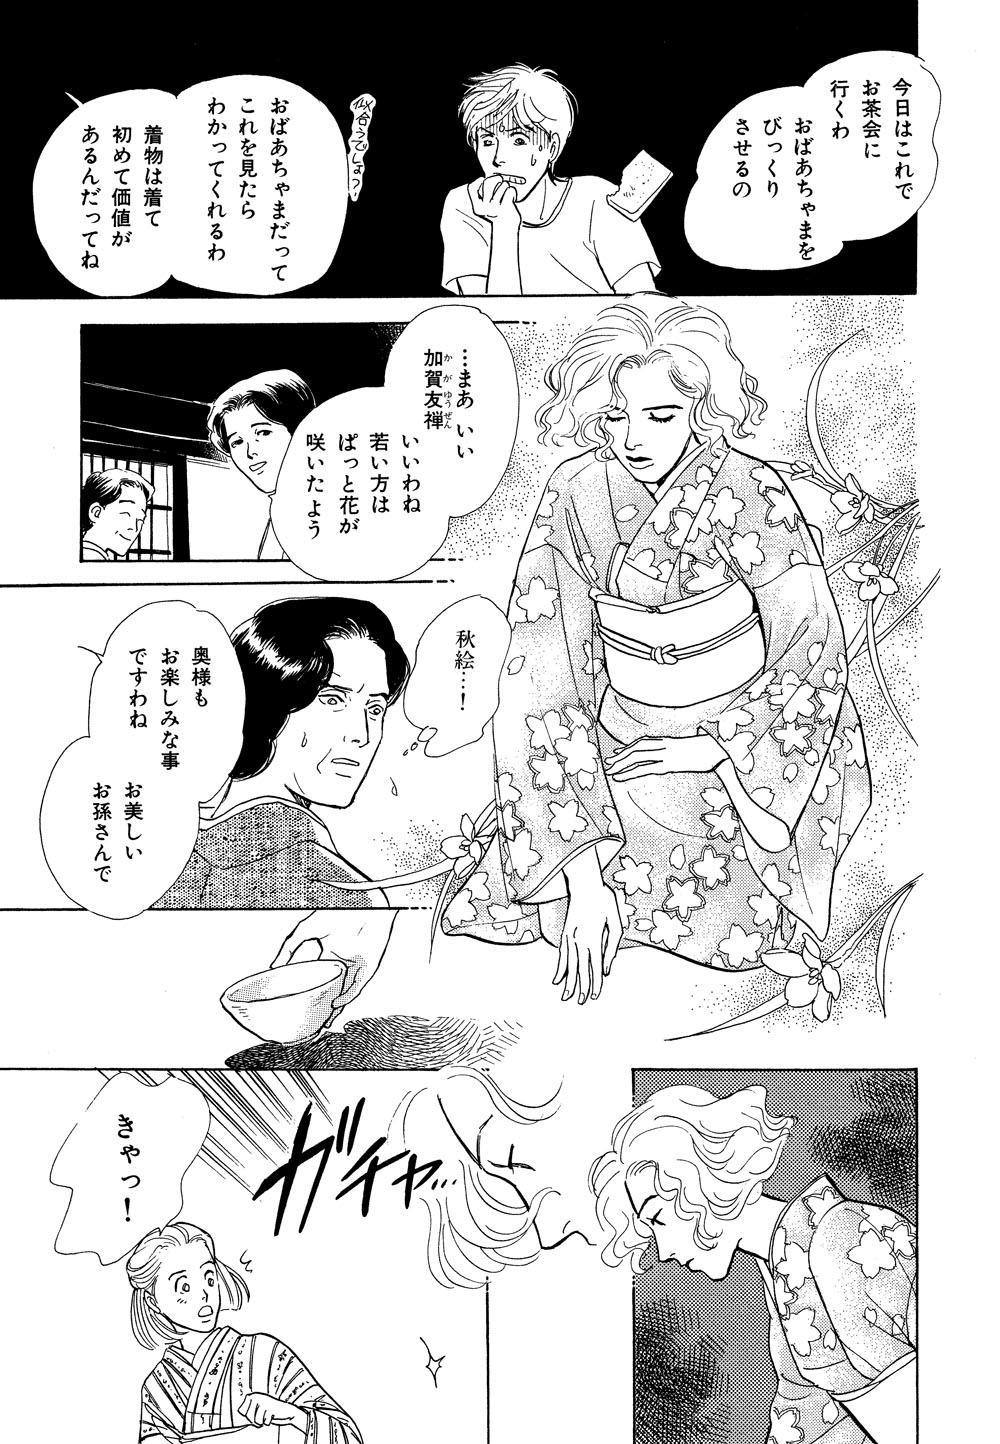 百鬼夜行抄_03_0101.jpg